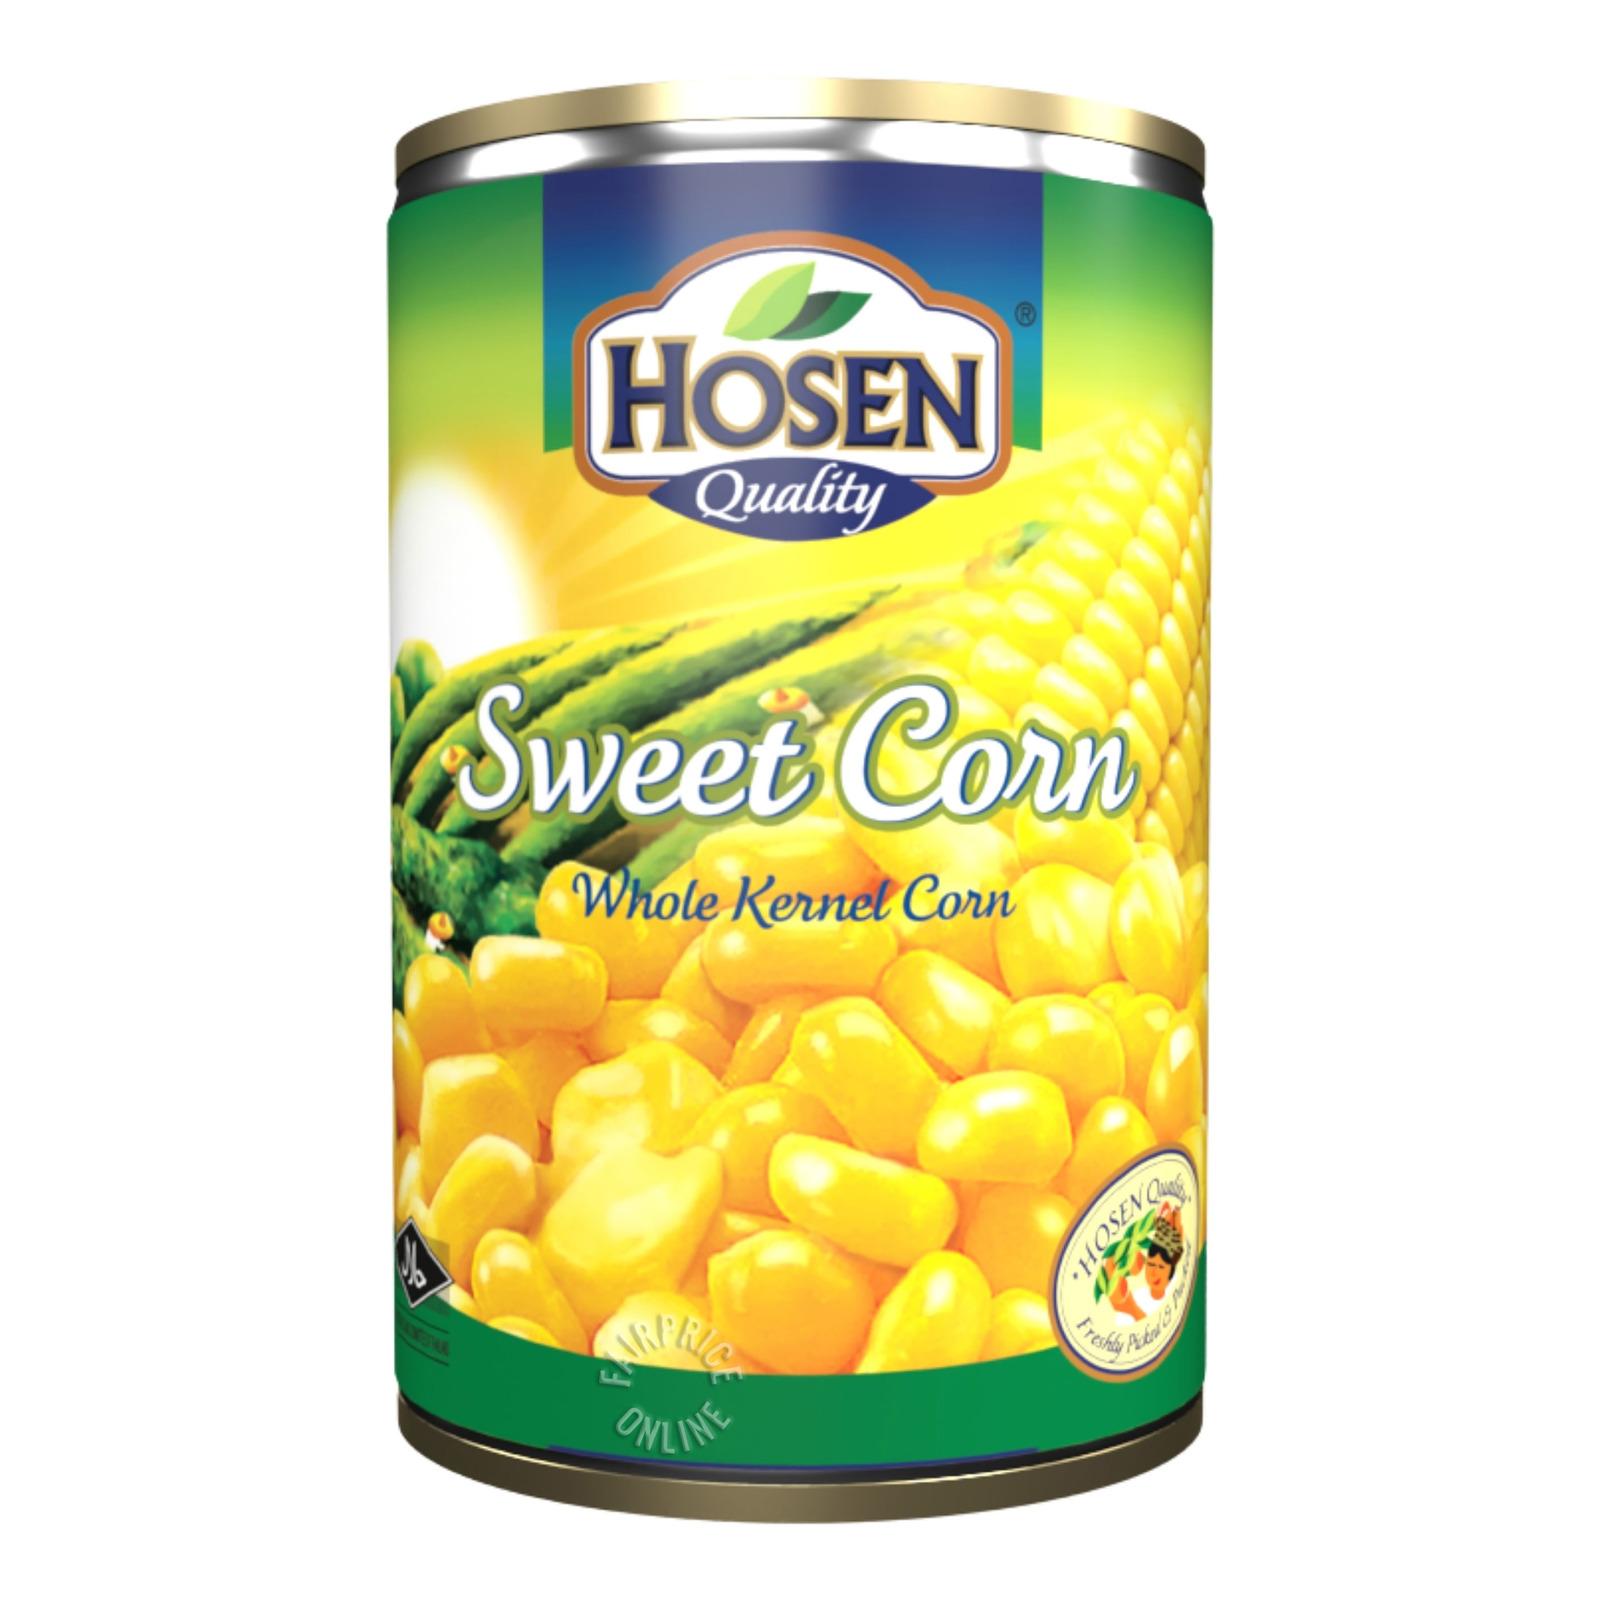 HOSEN Sweet Corn - Whole Kernel Corn 400g